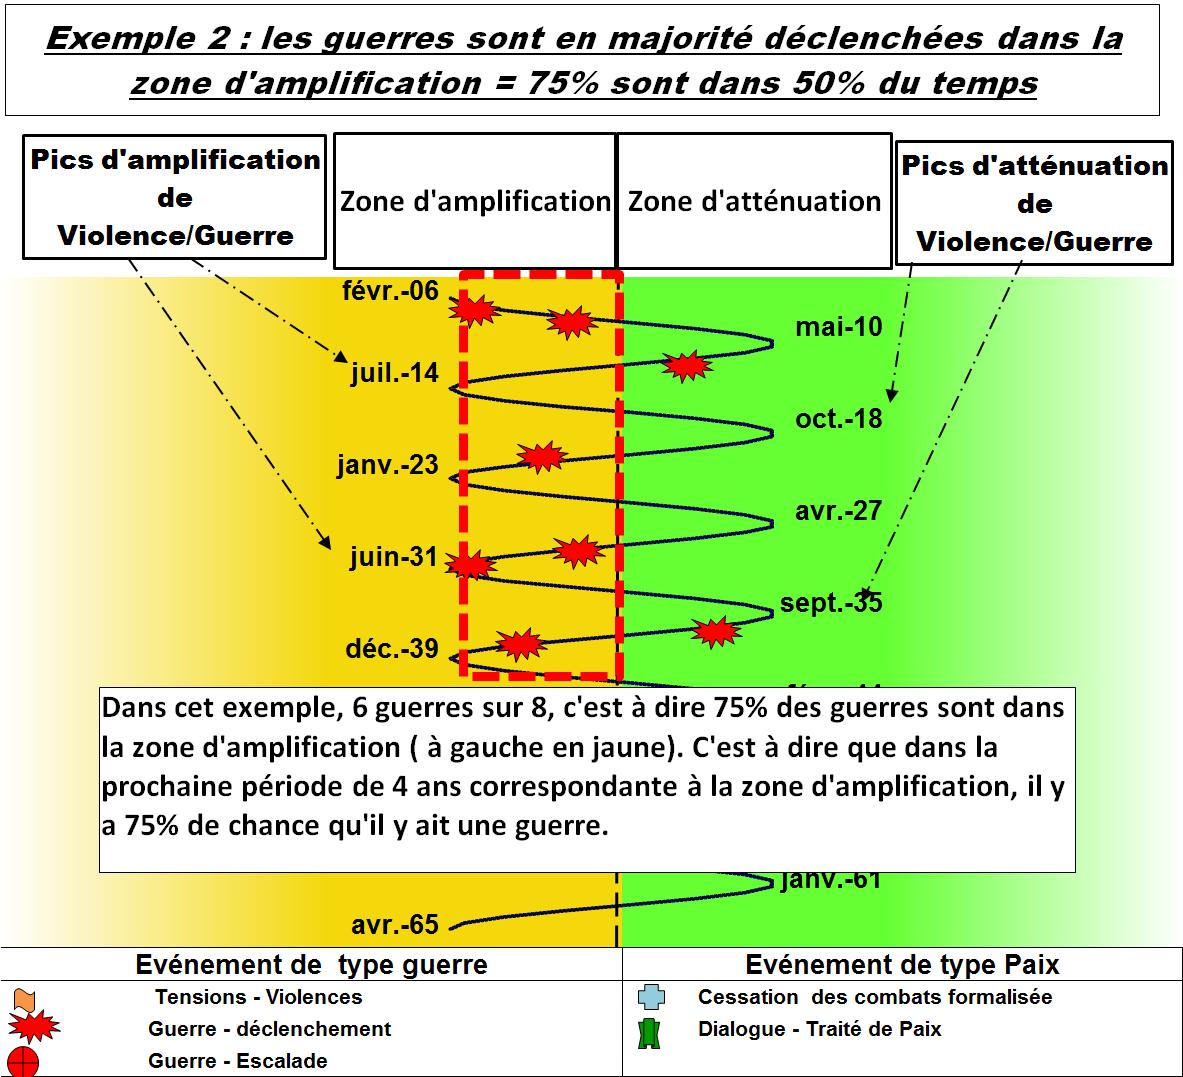 Présentation Cycle des Guerres - Exermple 2